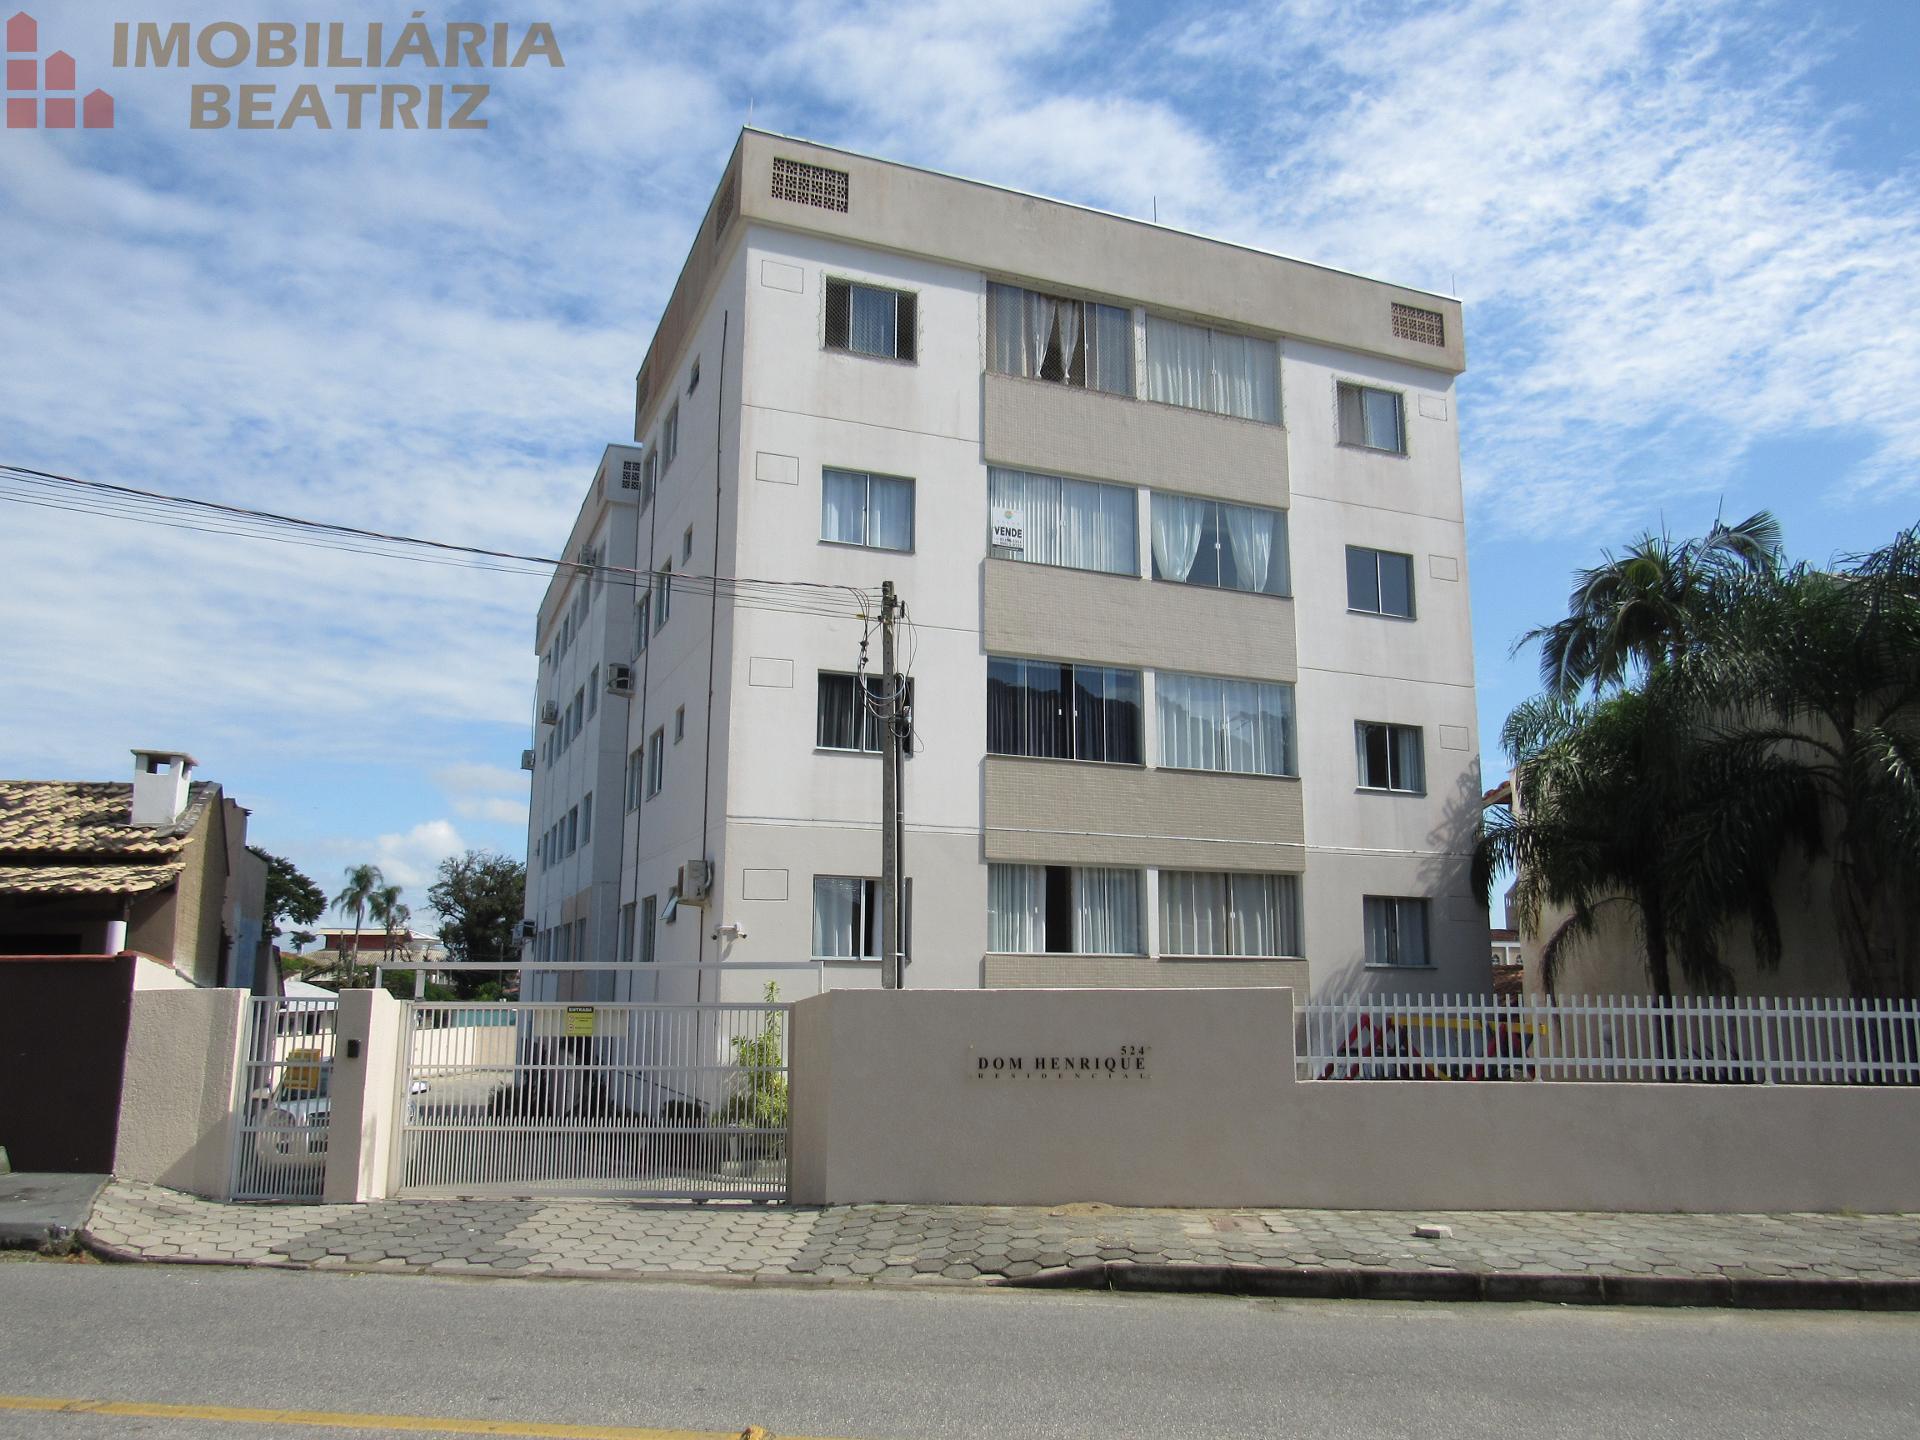 Apartamento com 2 dormitórios para locação, ARMAÇÃO, PENHA - SC